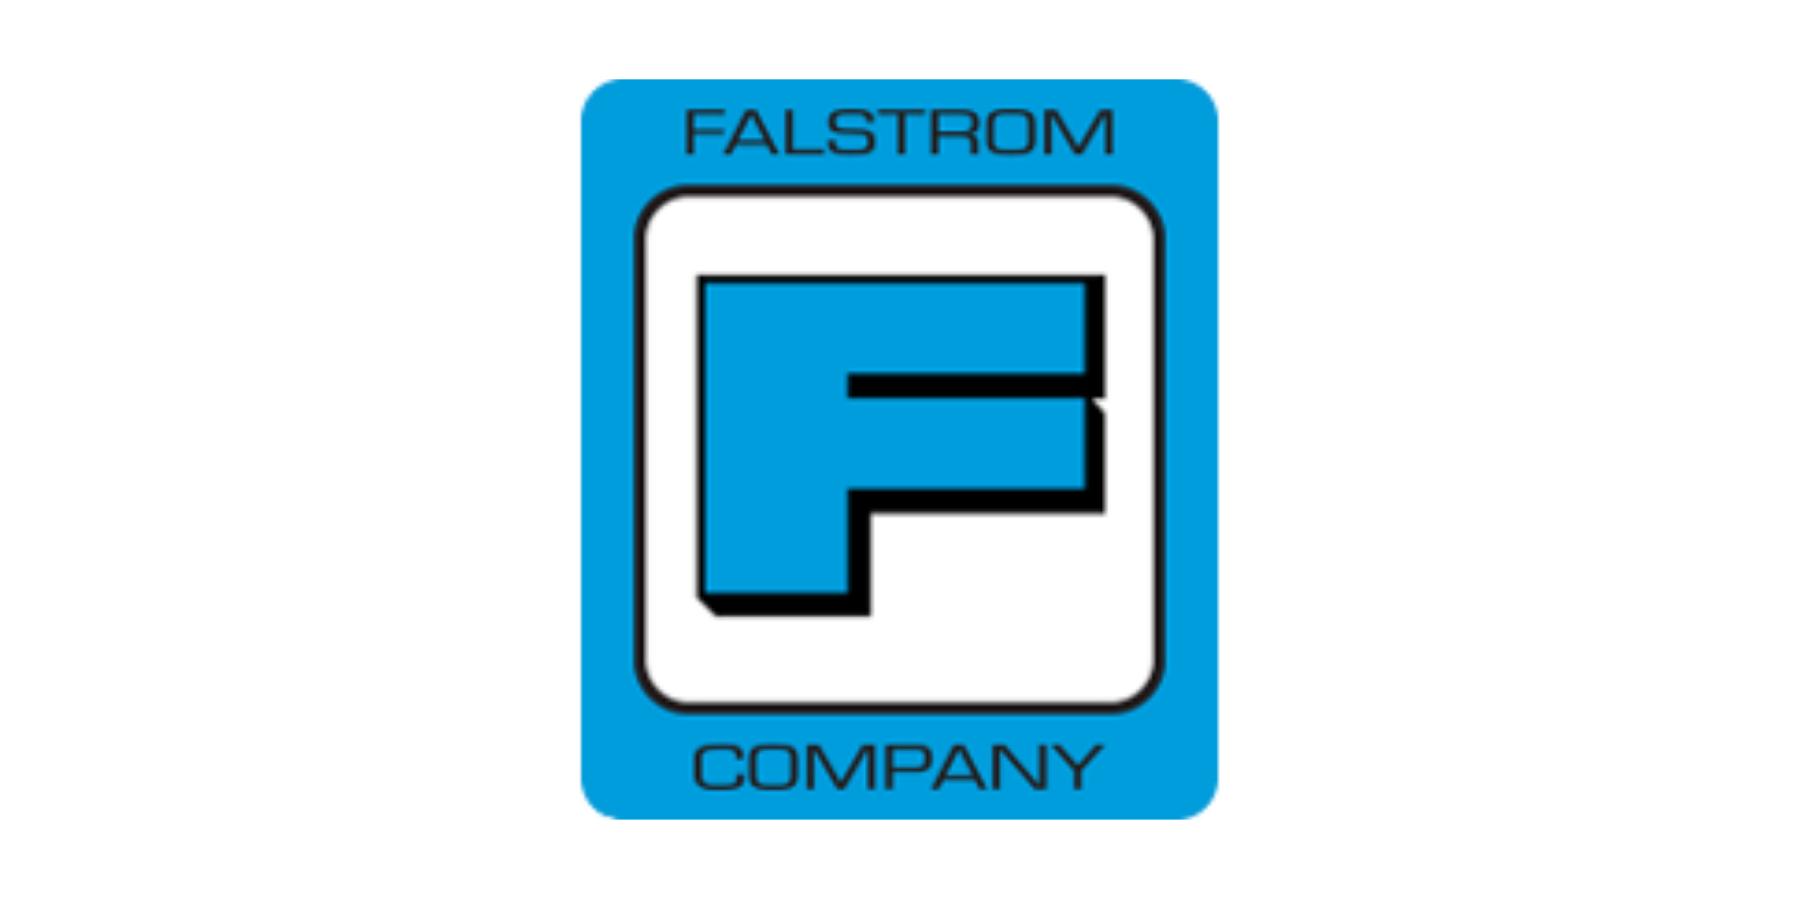 Falstrom Company